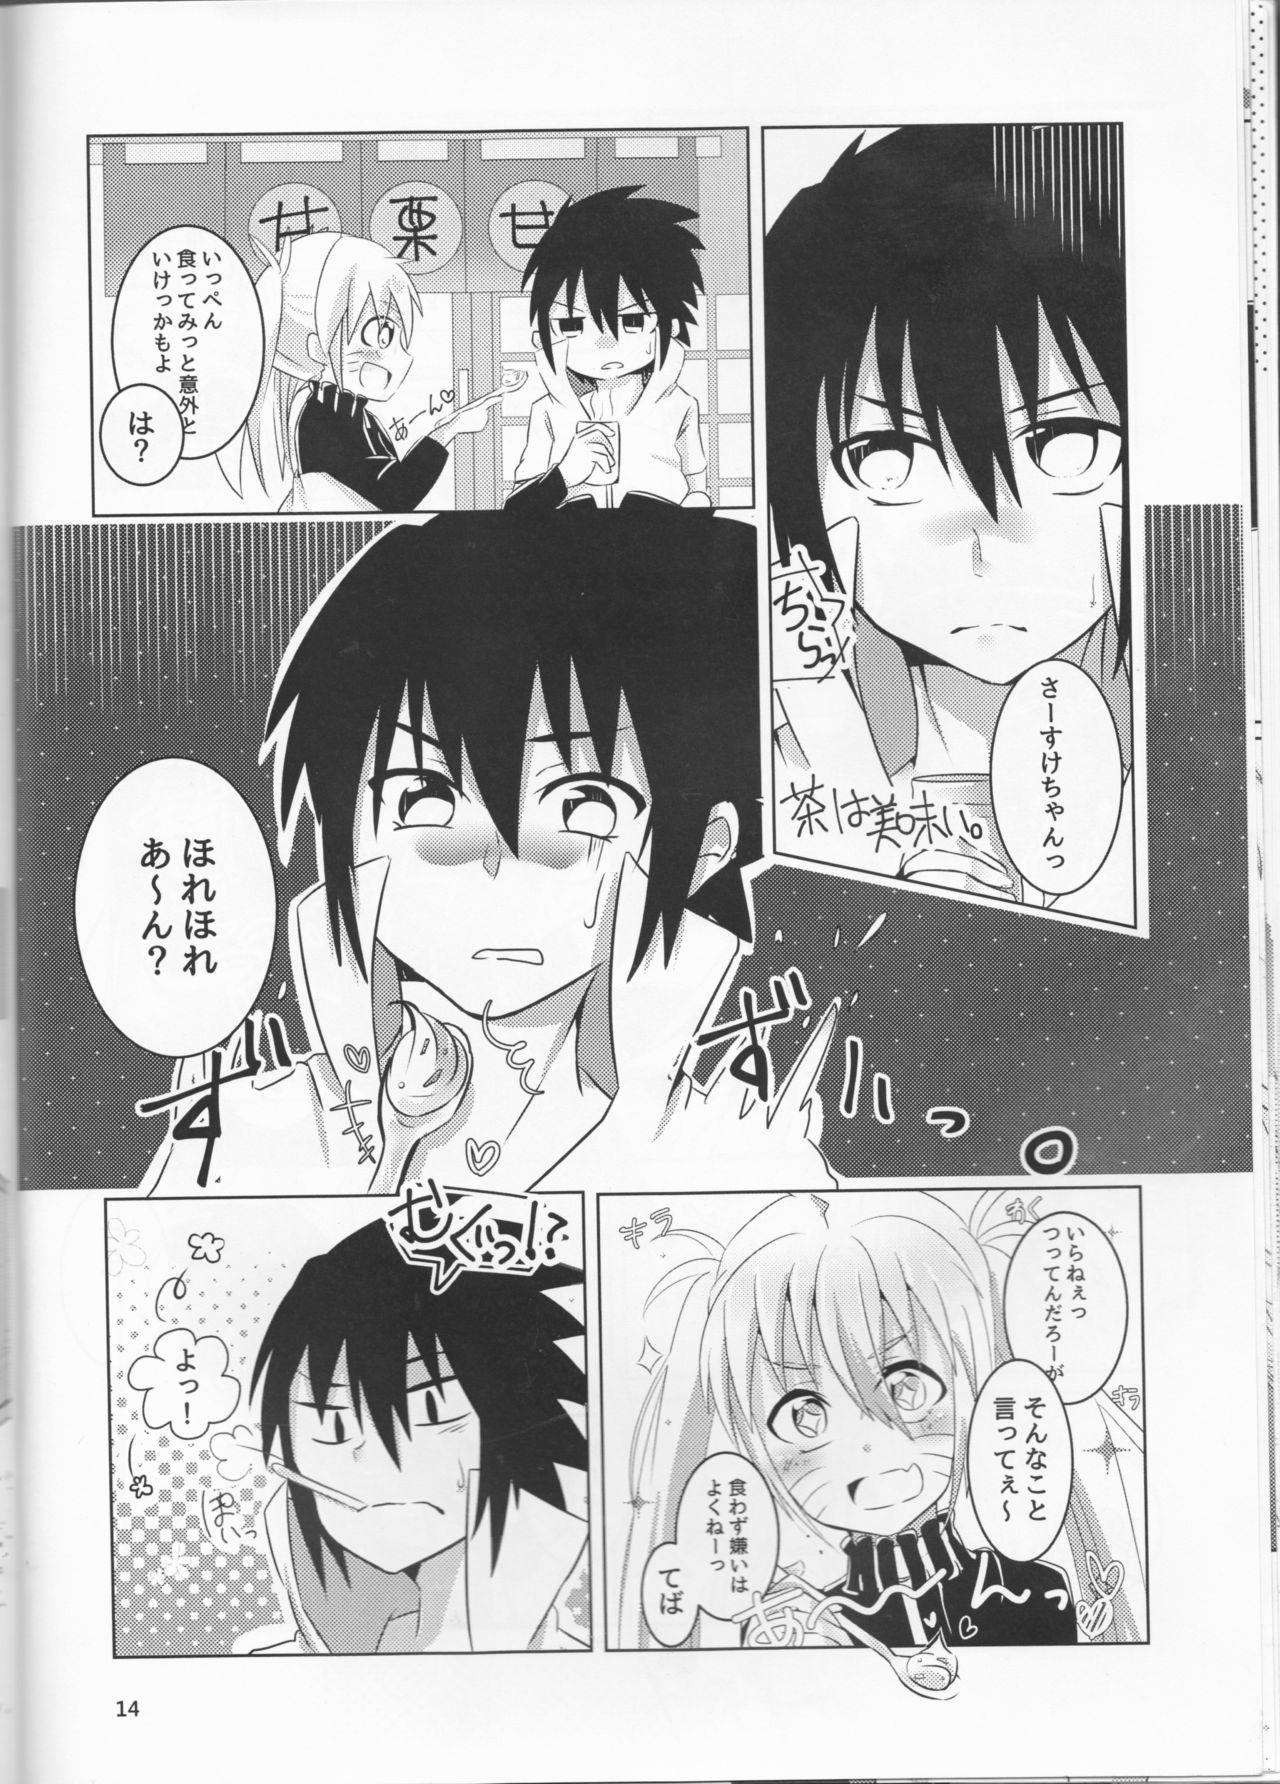 Douyara Usuratonkachi no Kudaranai Jutsu wa Ore ni Kouka ga Nai rashii. 13